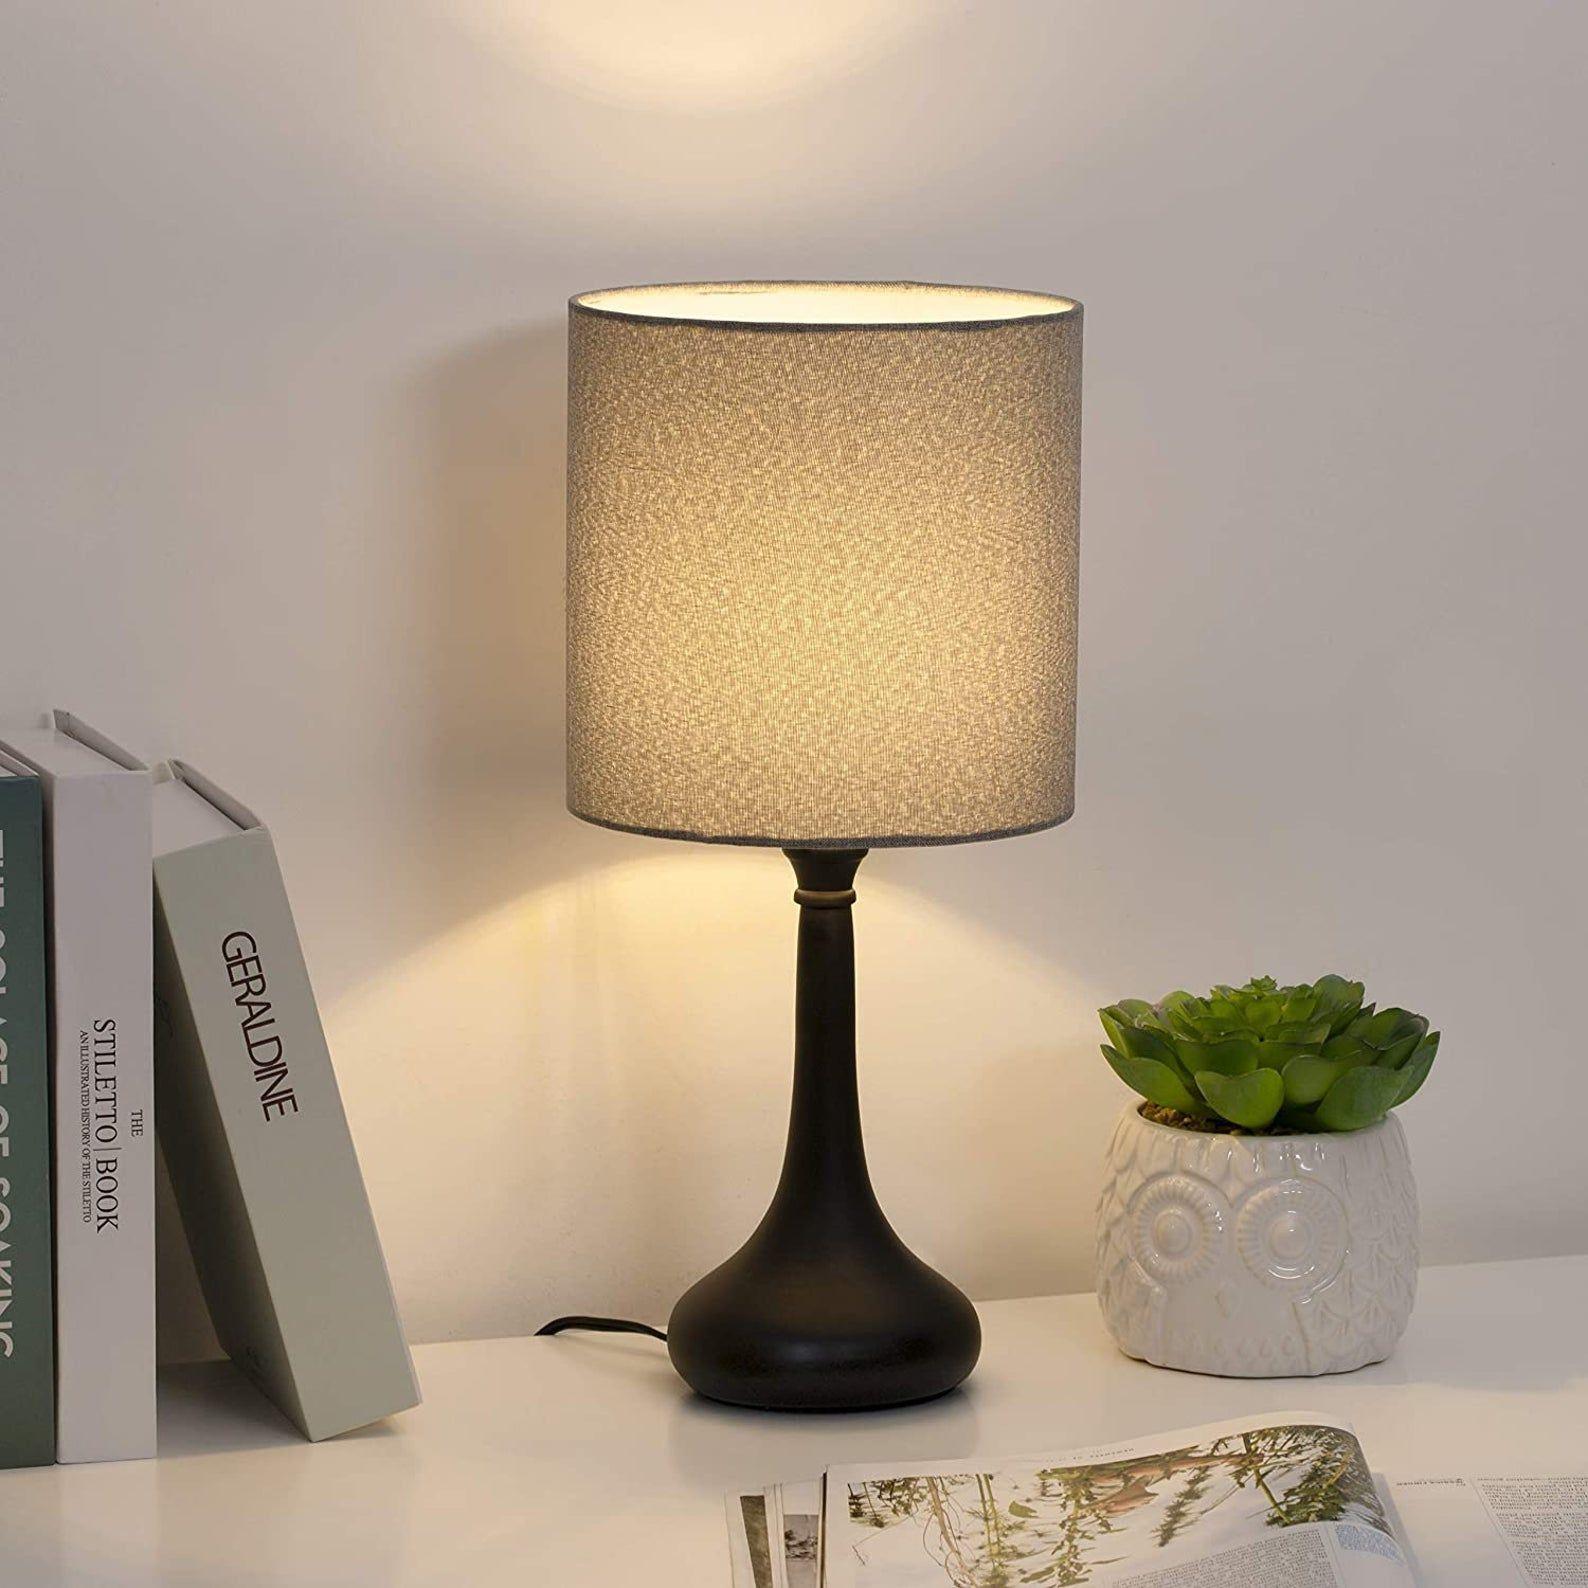 Small Table Lamps Vintage Bedside Nightstand Lamps Set Of 2 Etsy Vintage Table Lamp Small Table Lamp Vintage Bedside